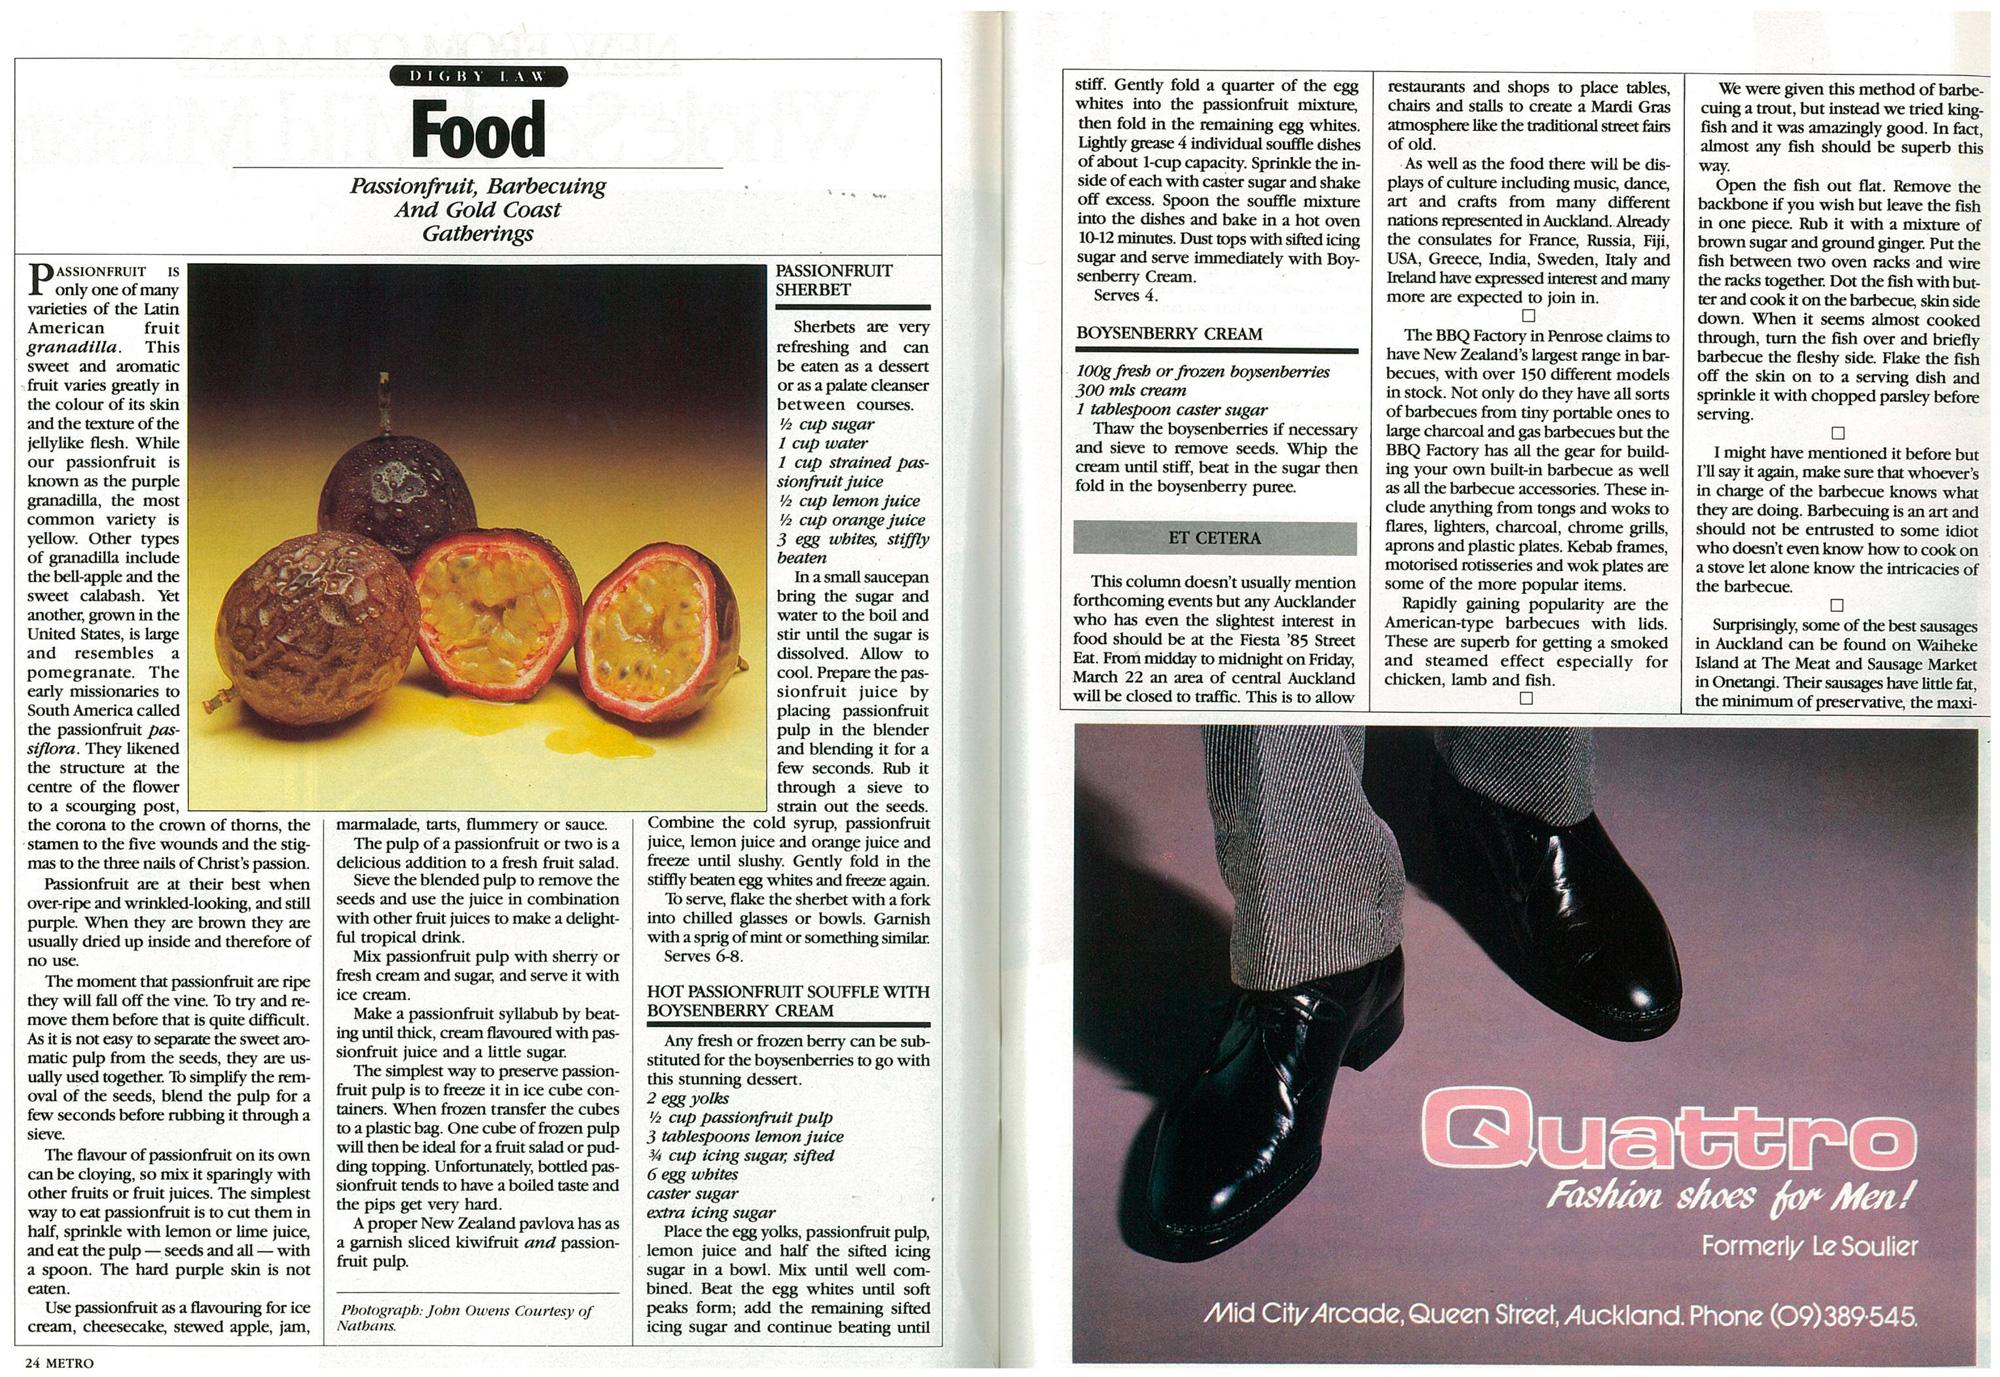 1985 issue of Metro